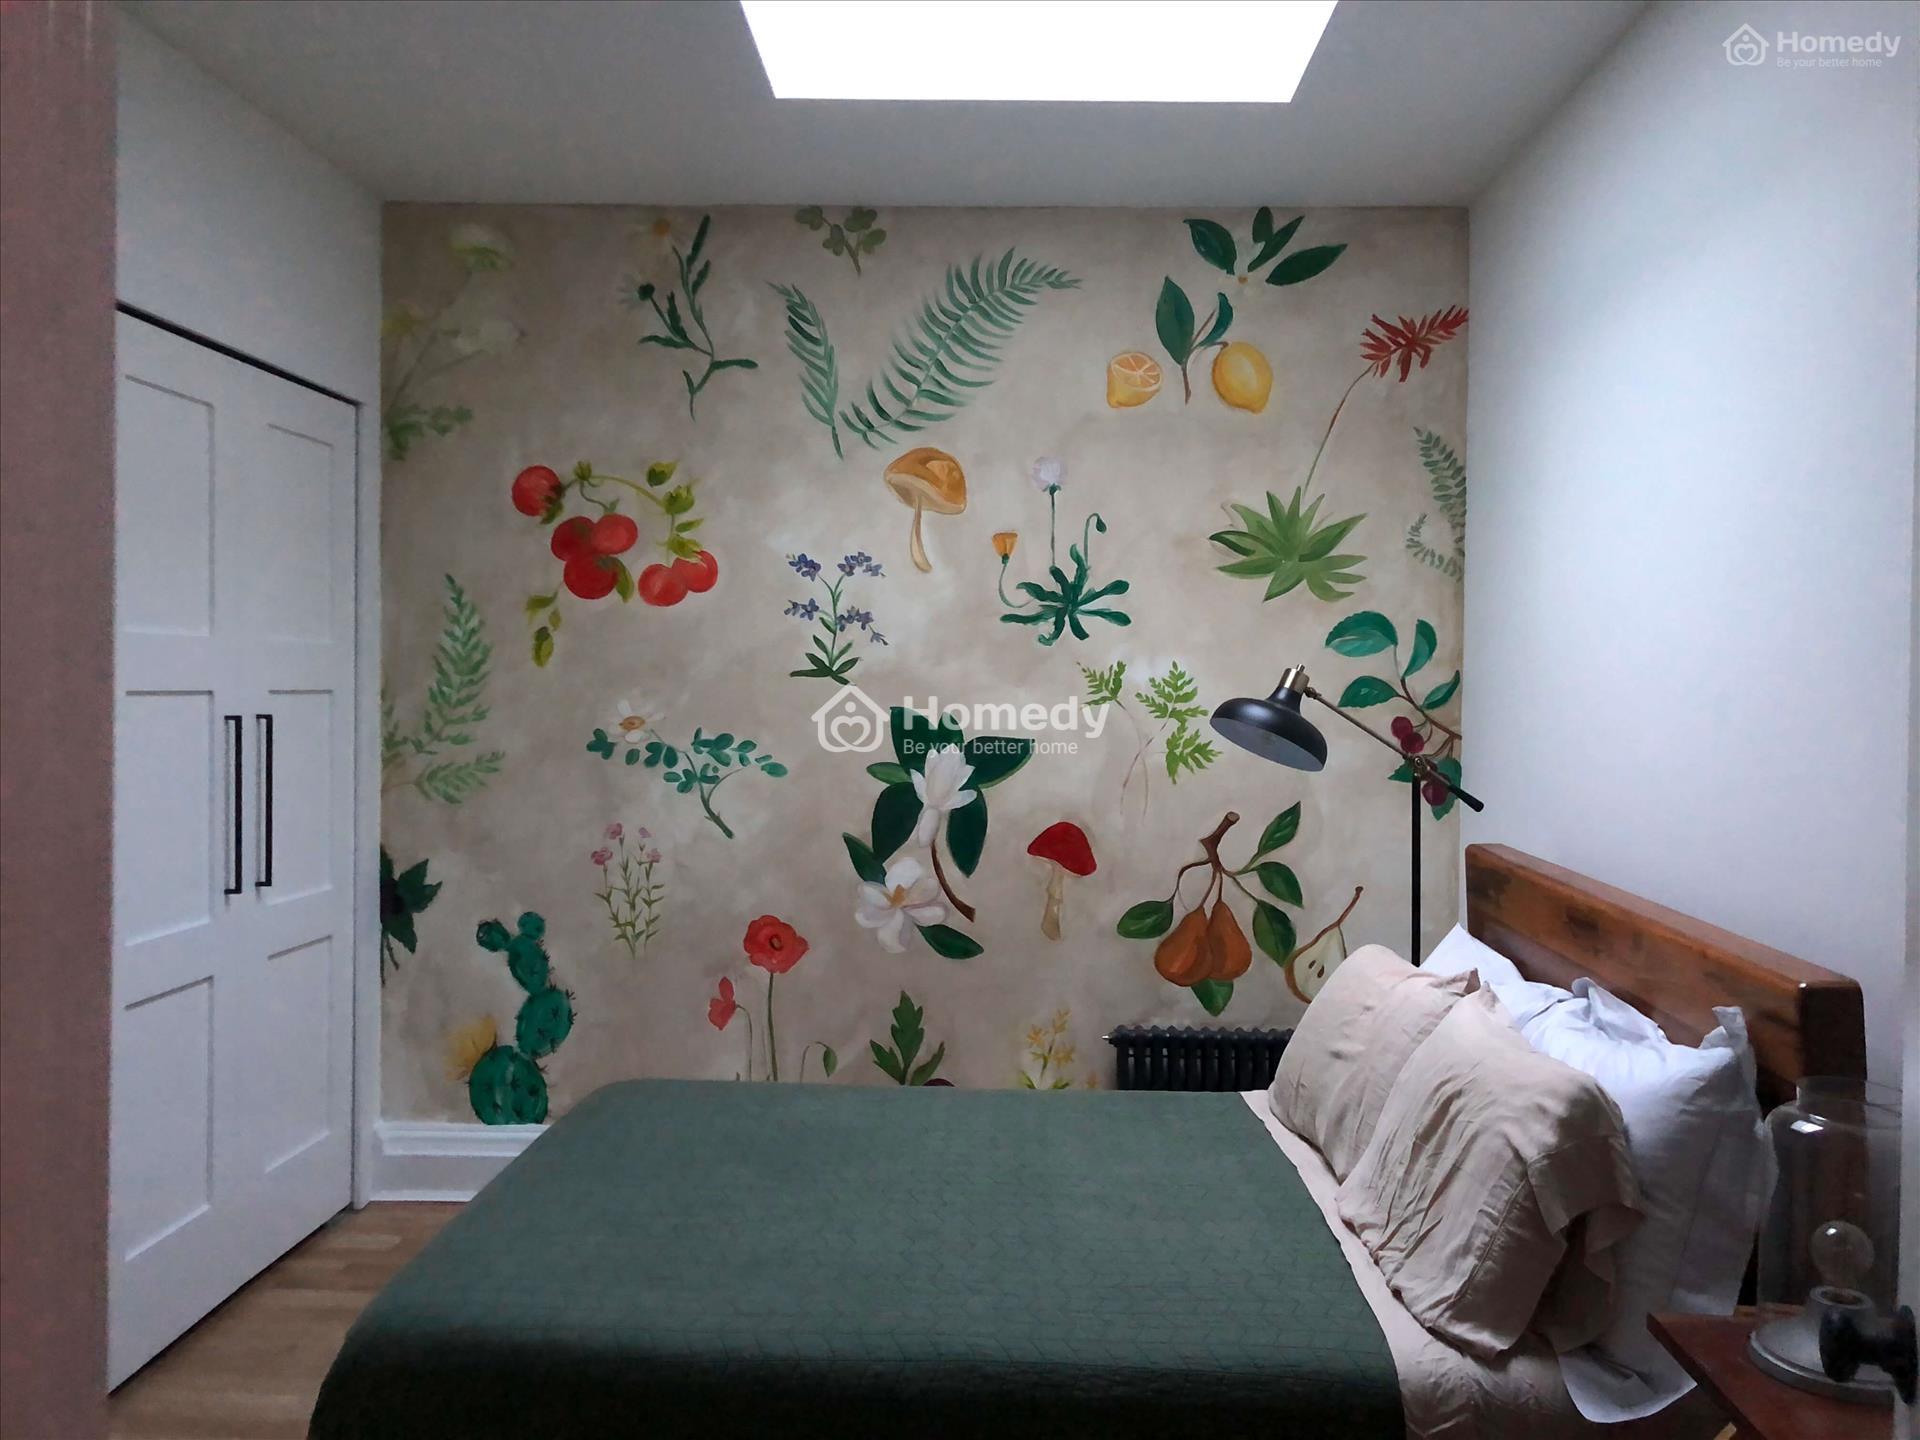 Trang trí phòng ngủ không có cửa sổ với giấy dán tường tươi tắn